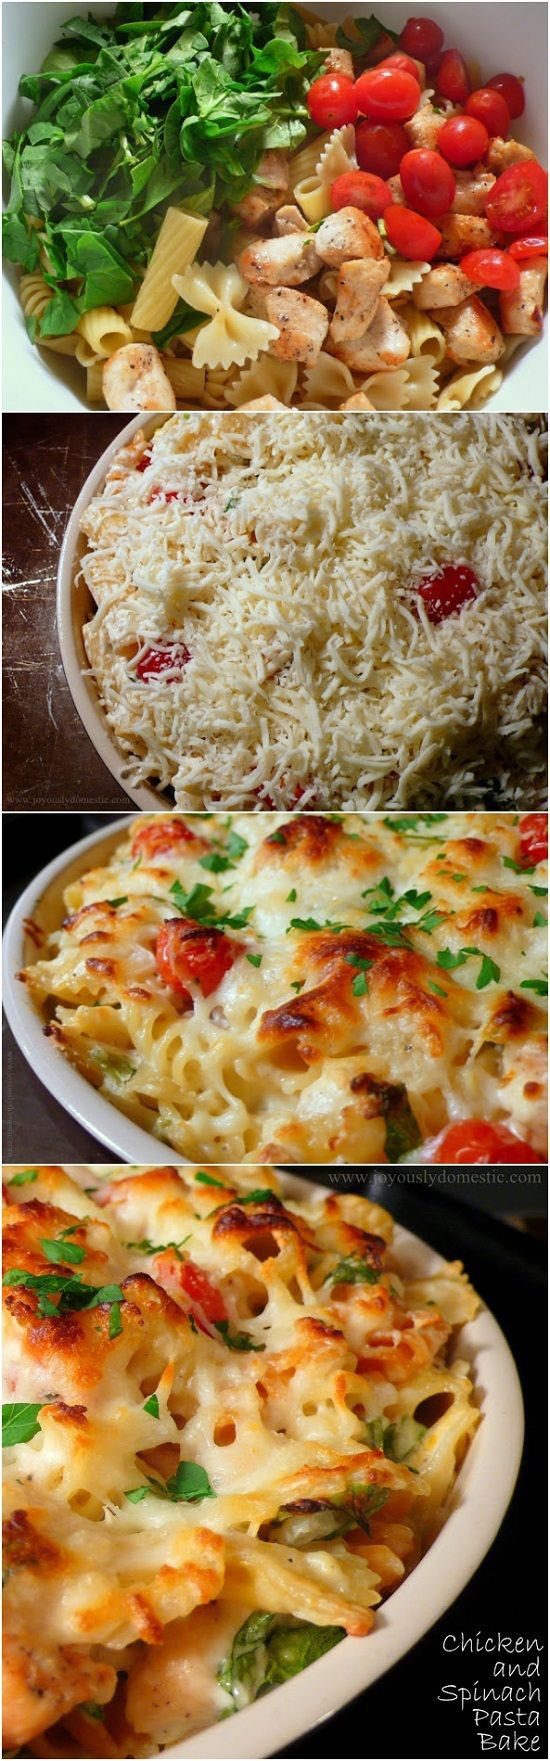 Chicken and Spinach Pasta Bake